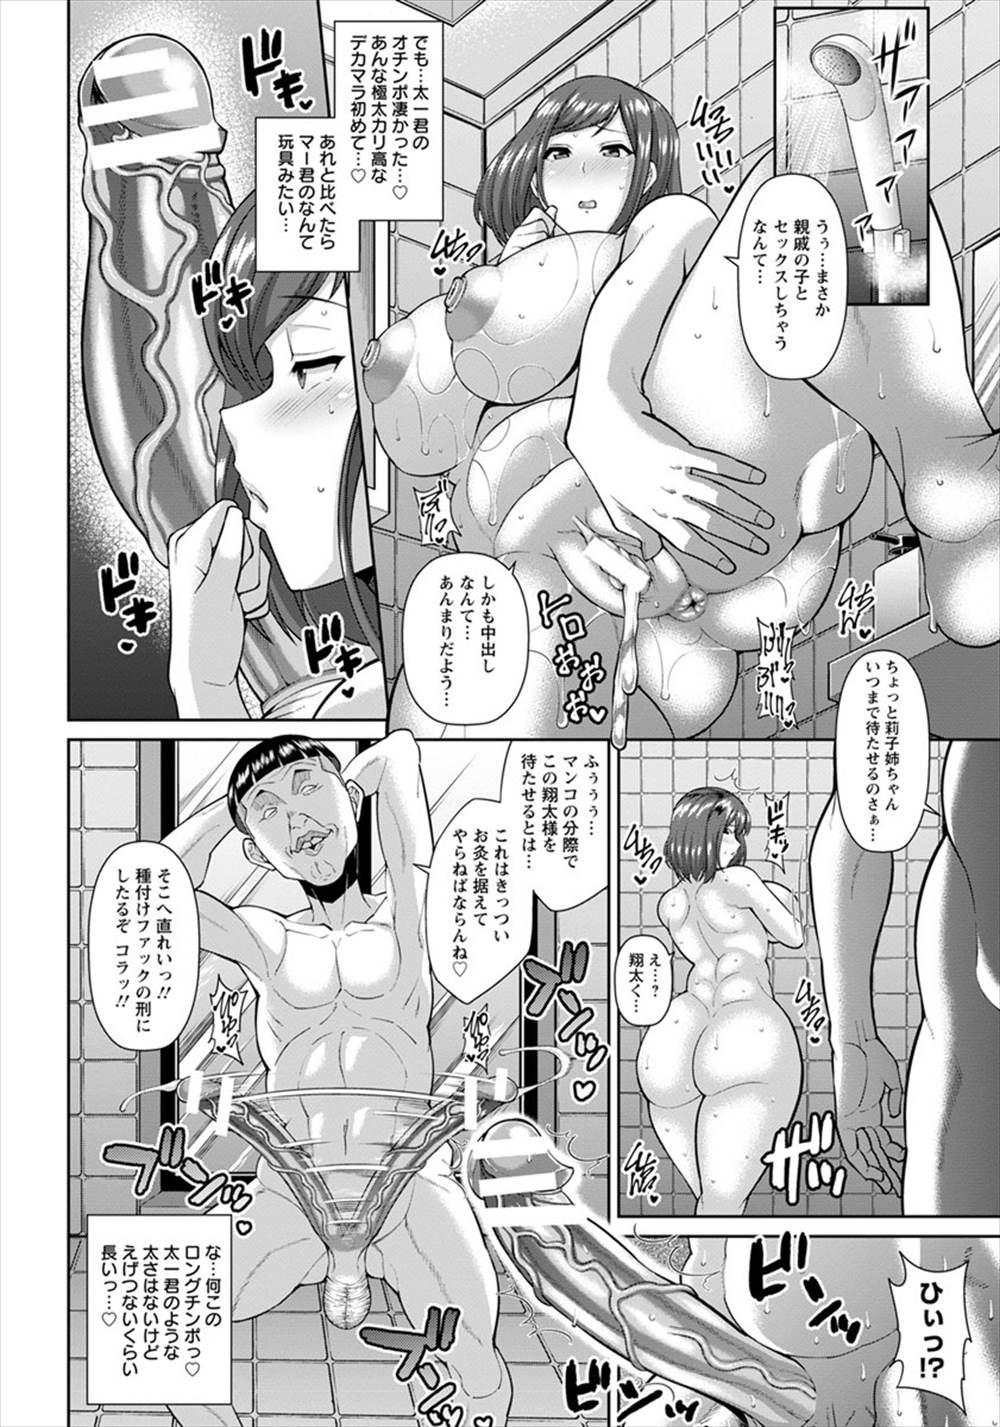 【エロ漫画】人妻が近所のショタガキにセクハラされる…種付ファックNTR3p乱交しちゃいますwww【ドラチェフ:種付ツインズ生ハメ味くらべ】